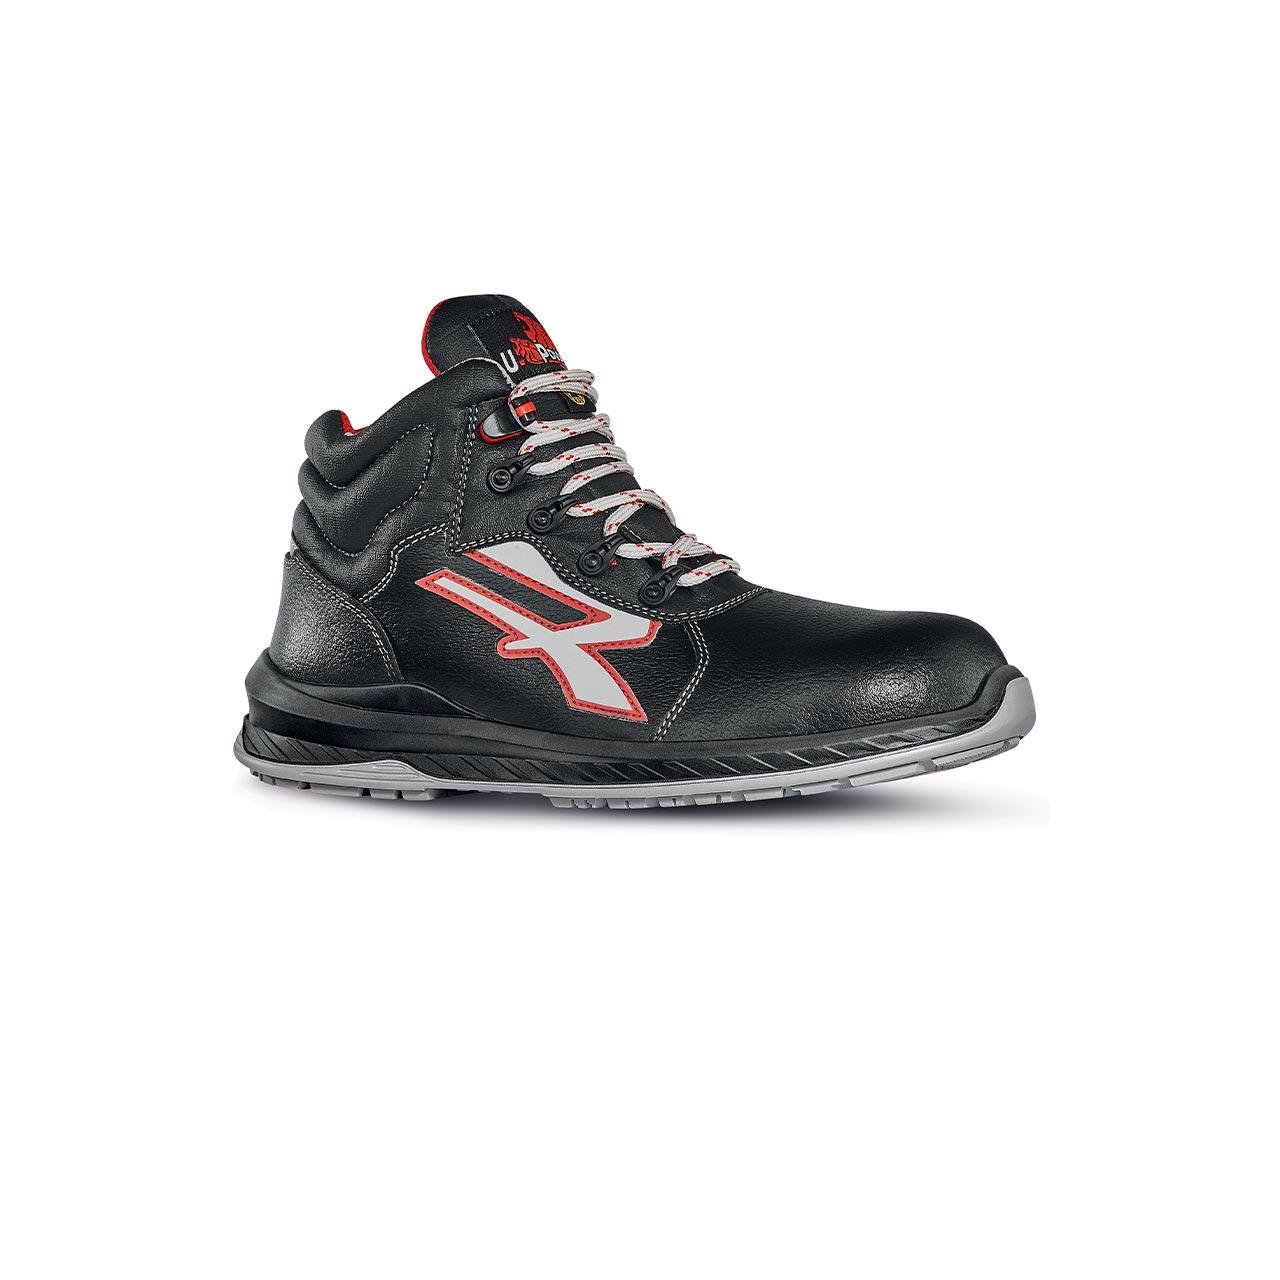 scarpa antinfortunistica alta upower modello boston linea redindustry vista laterale